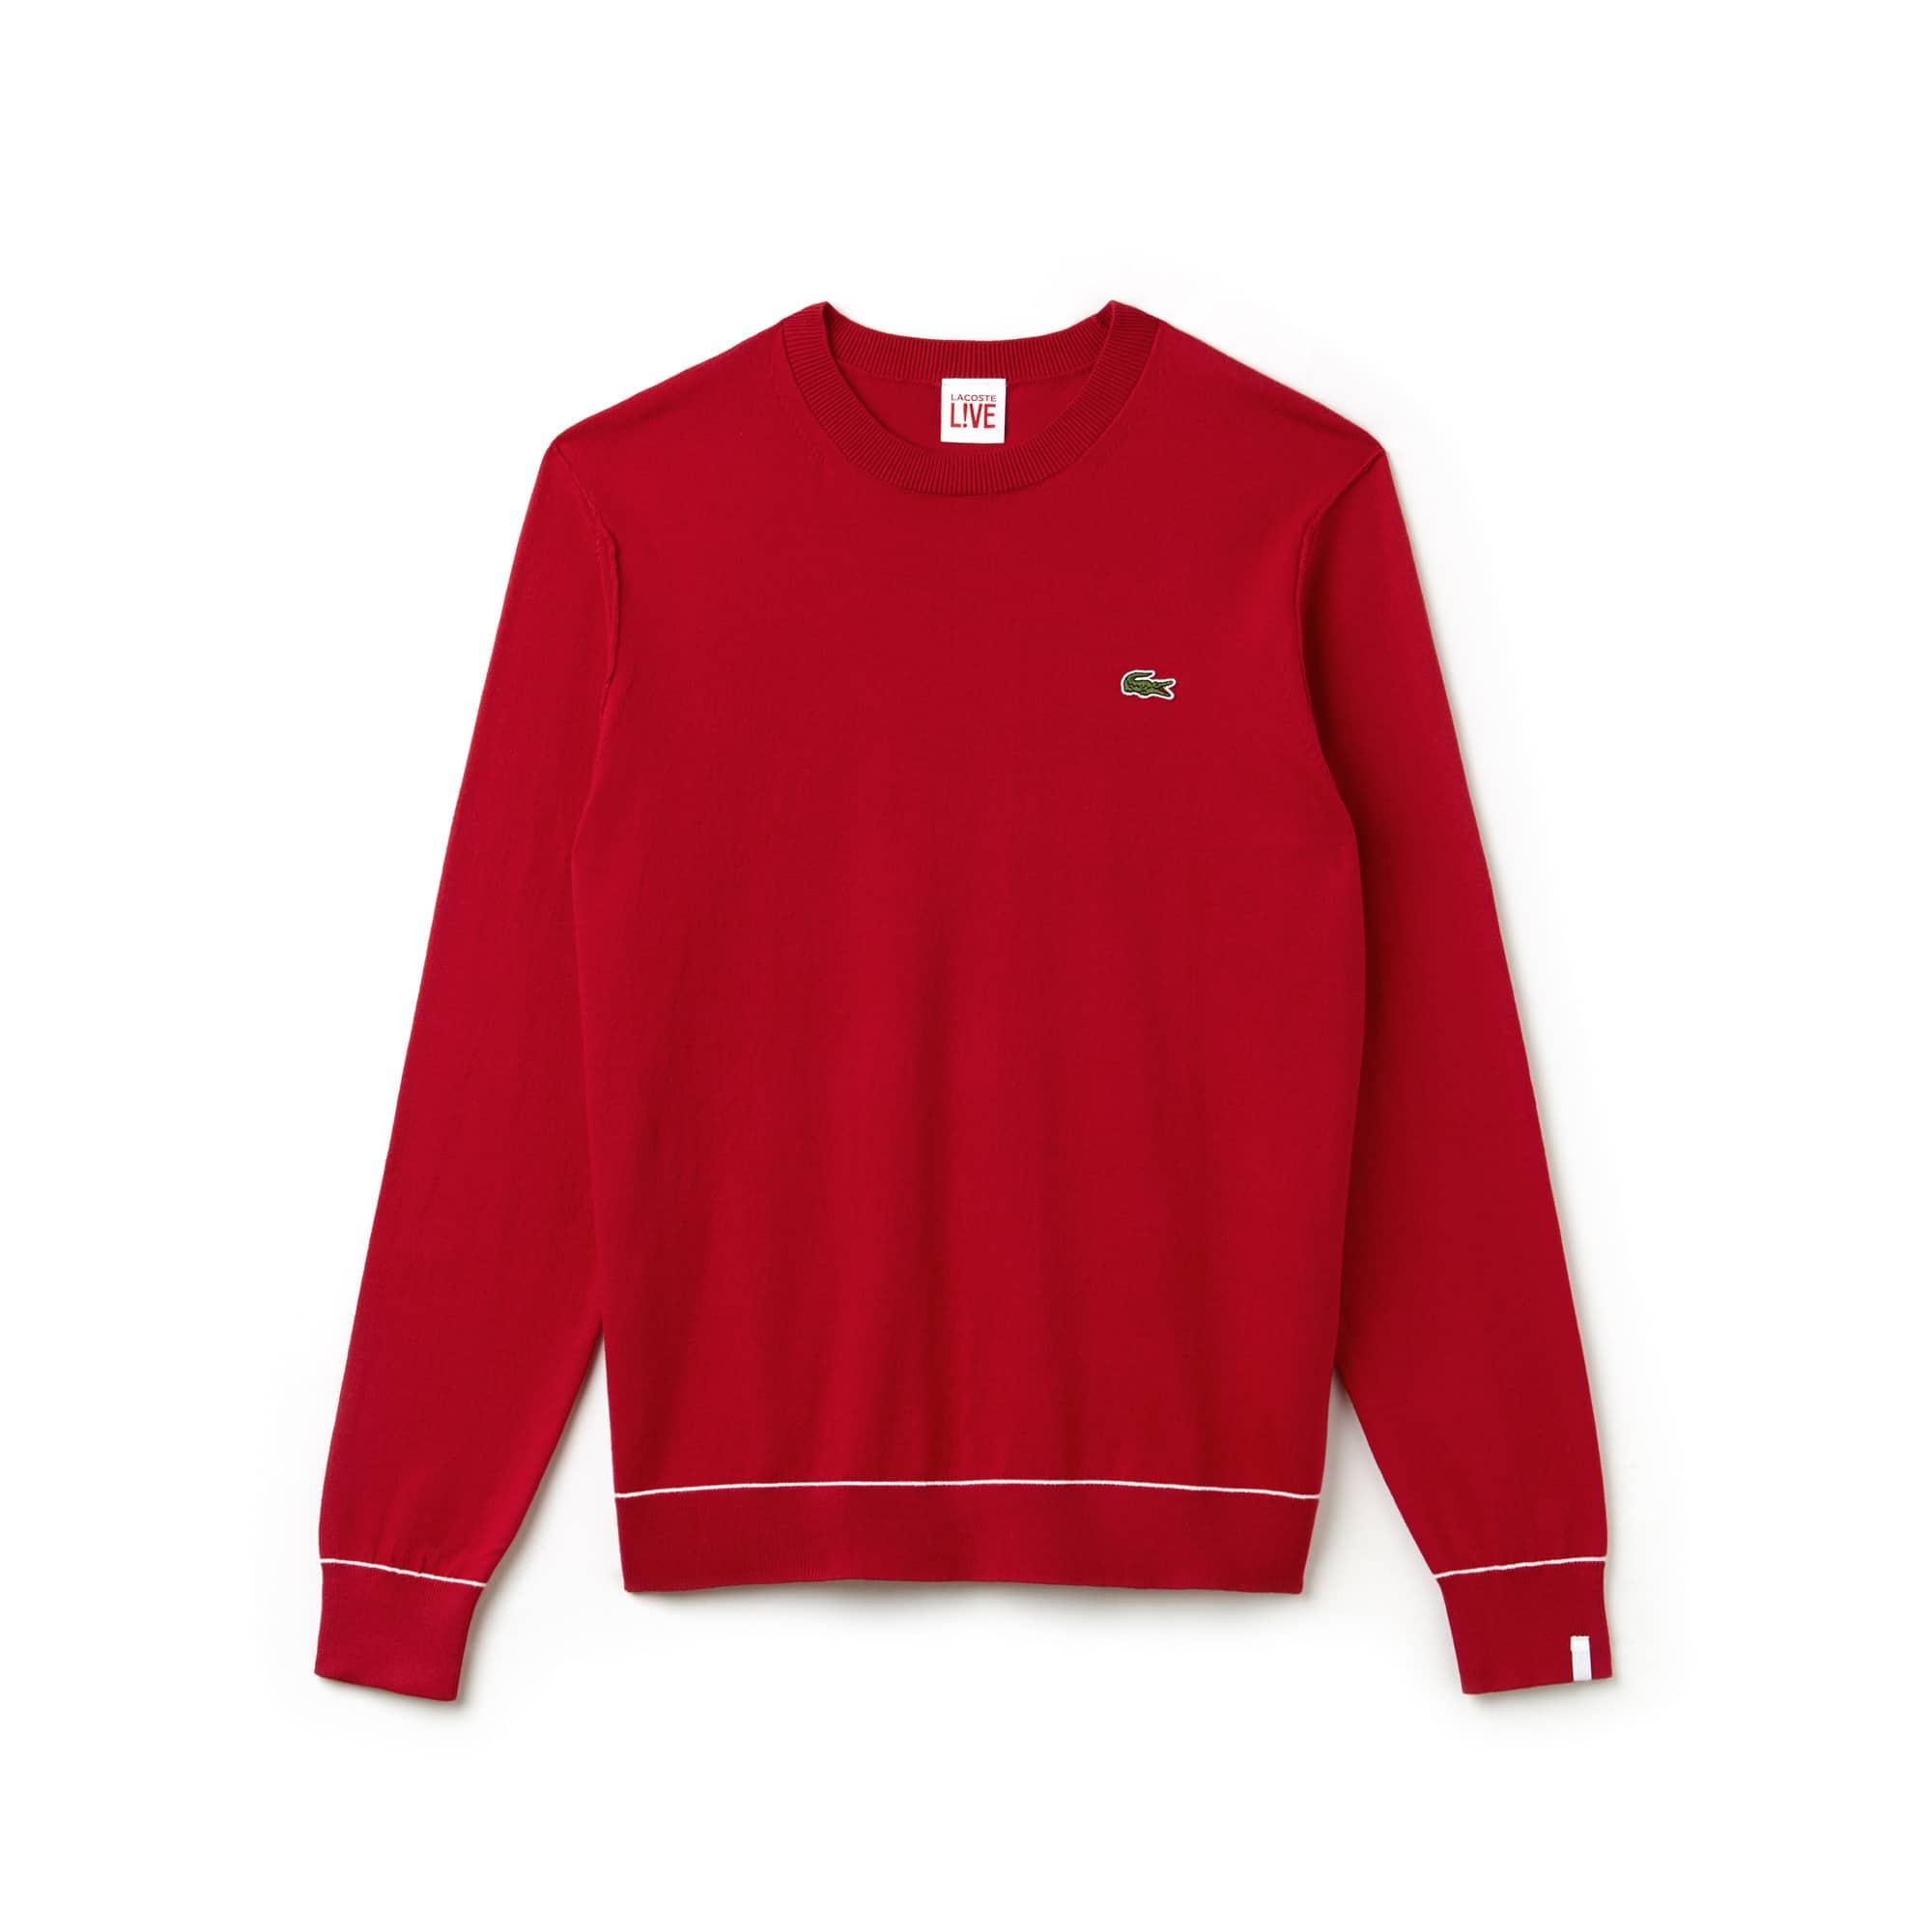 Lacoste LIVE-sweater heren ronde hals katoen en zijdejersey